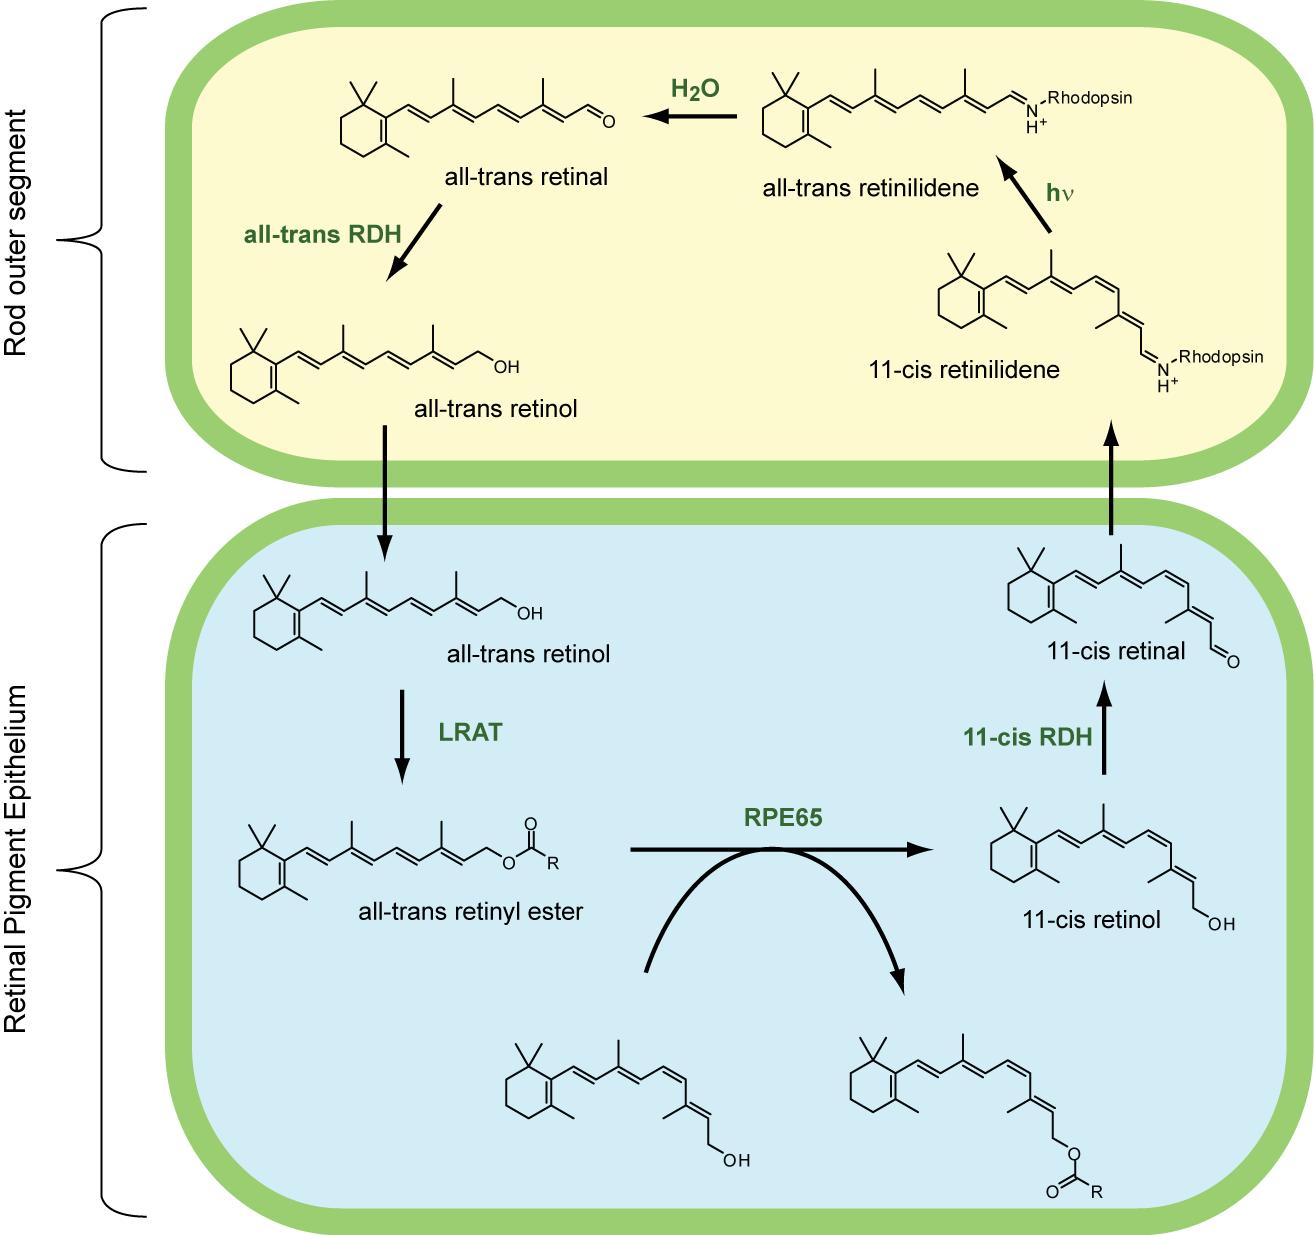 3alpha hydroxysteroid dehydrogenase